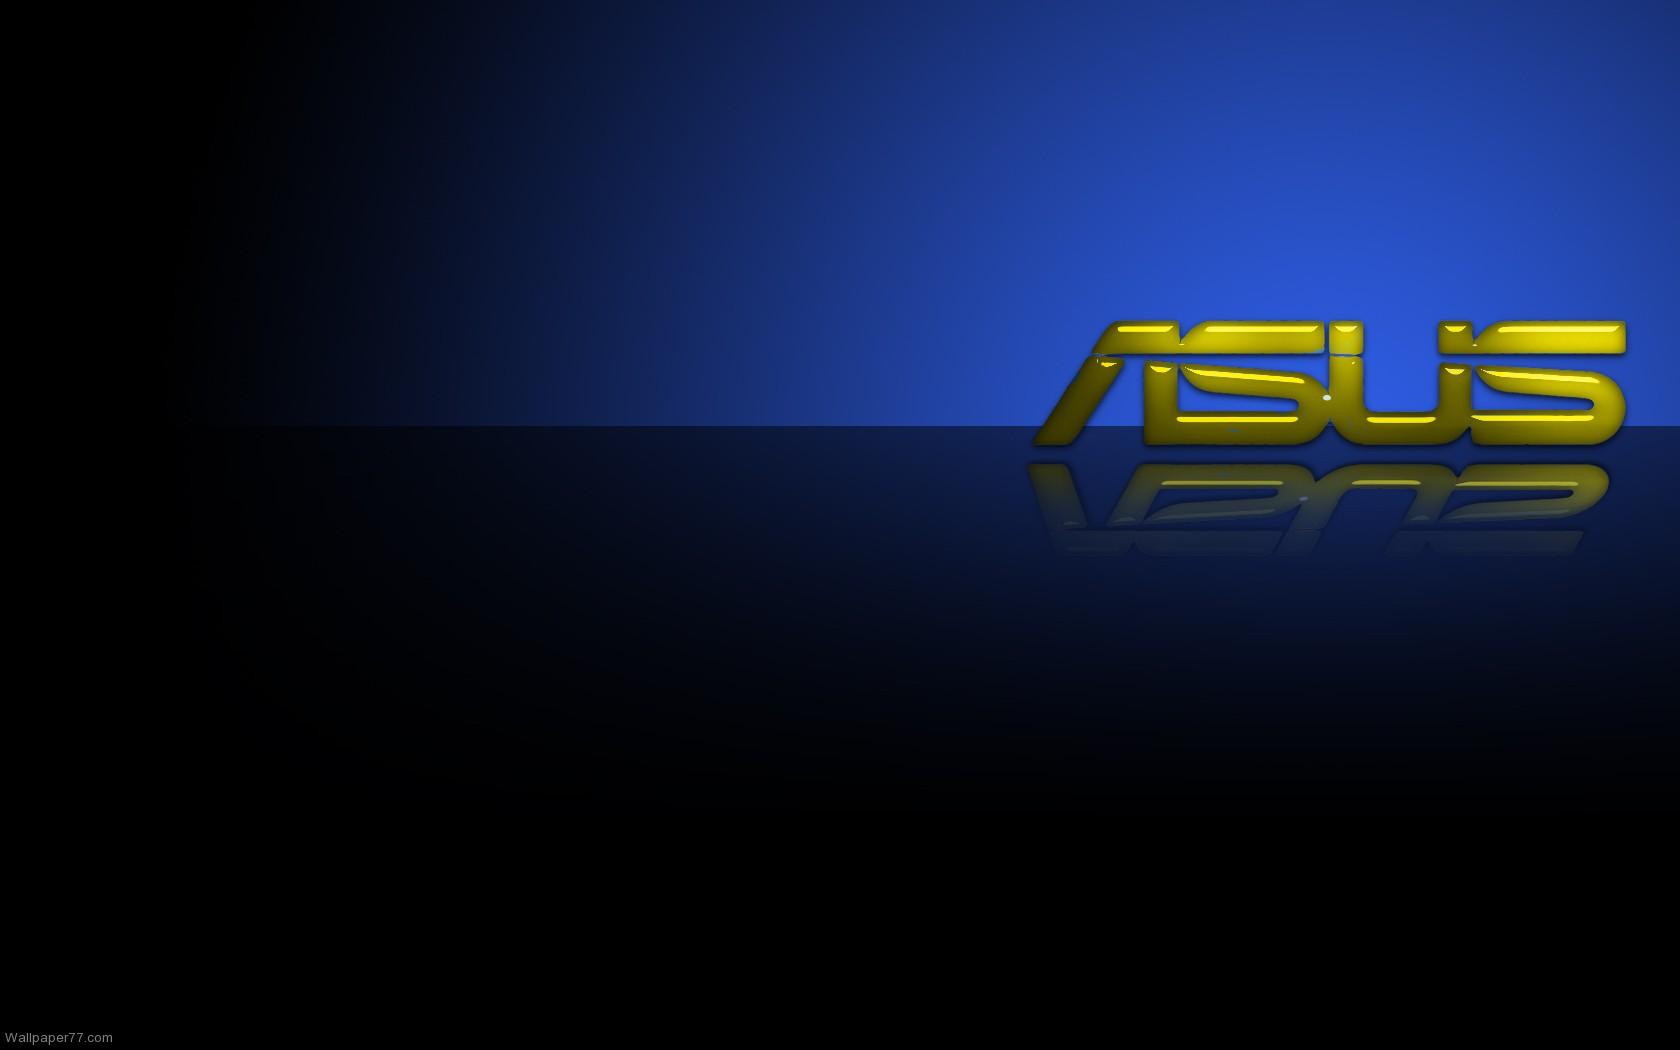 Asus Blue Wallpaper: Asus X Series Wallpaper